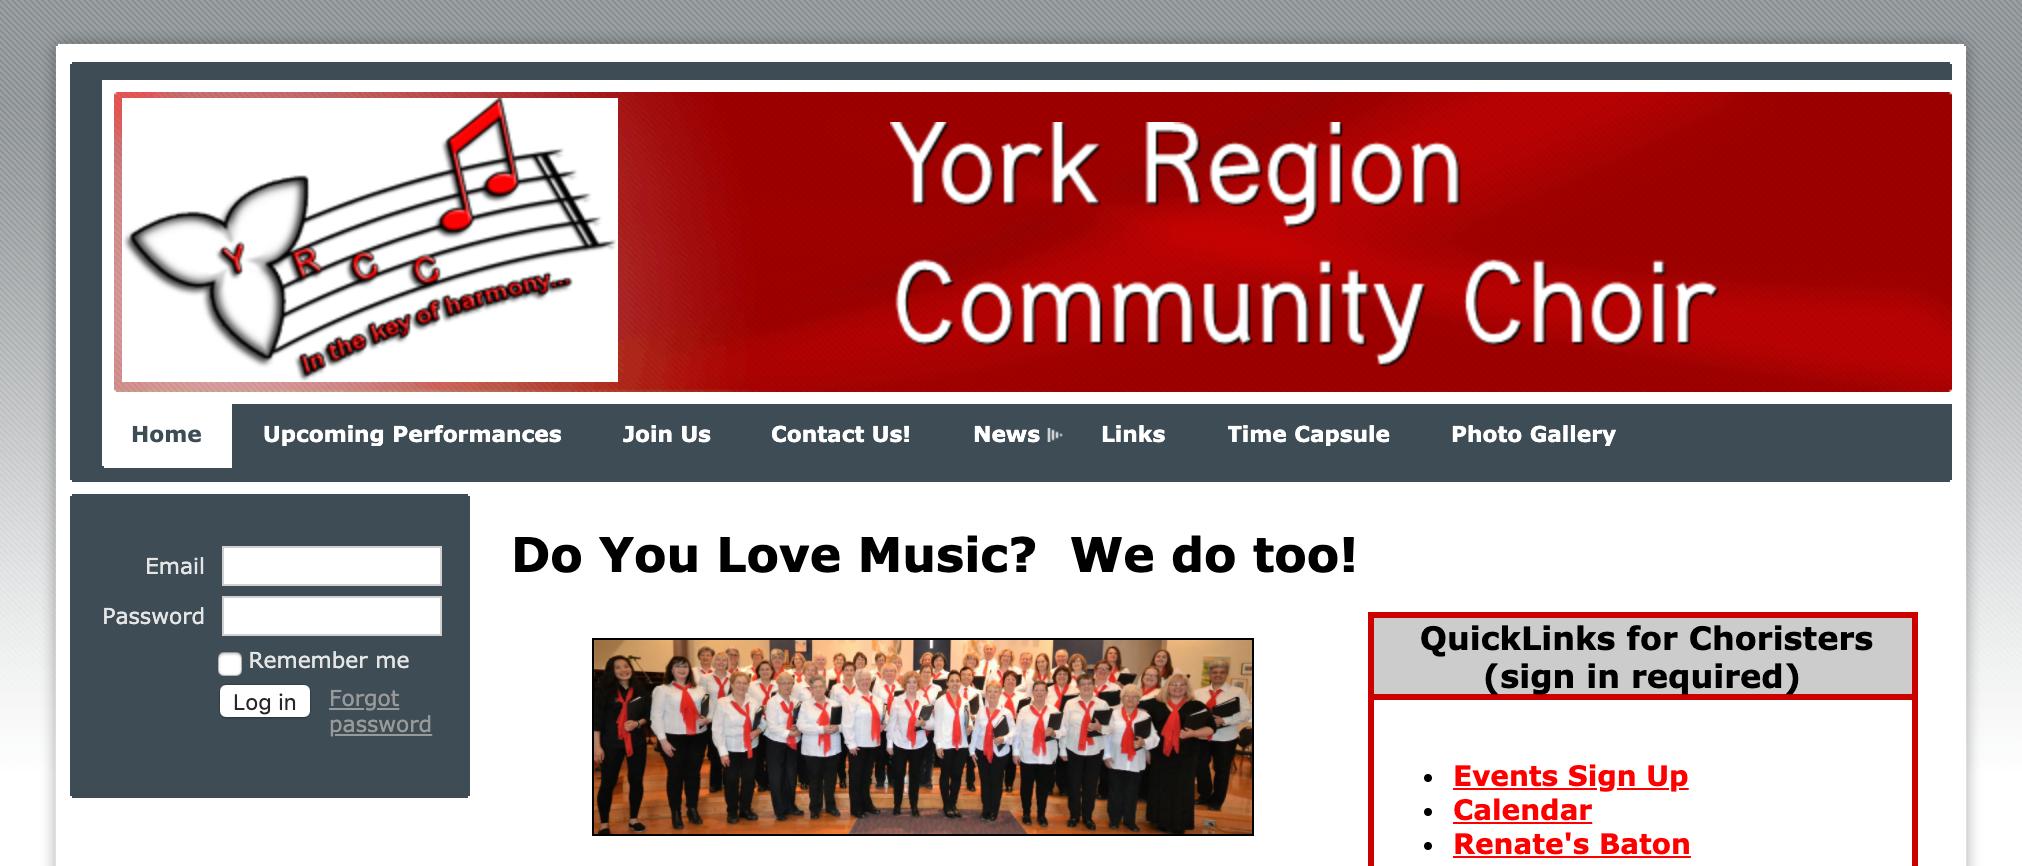 york region community choir